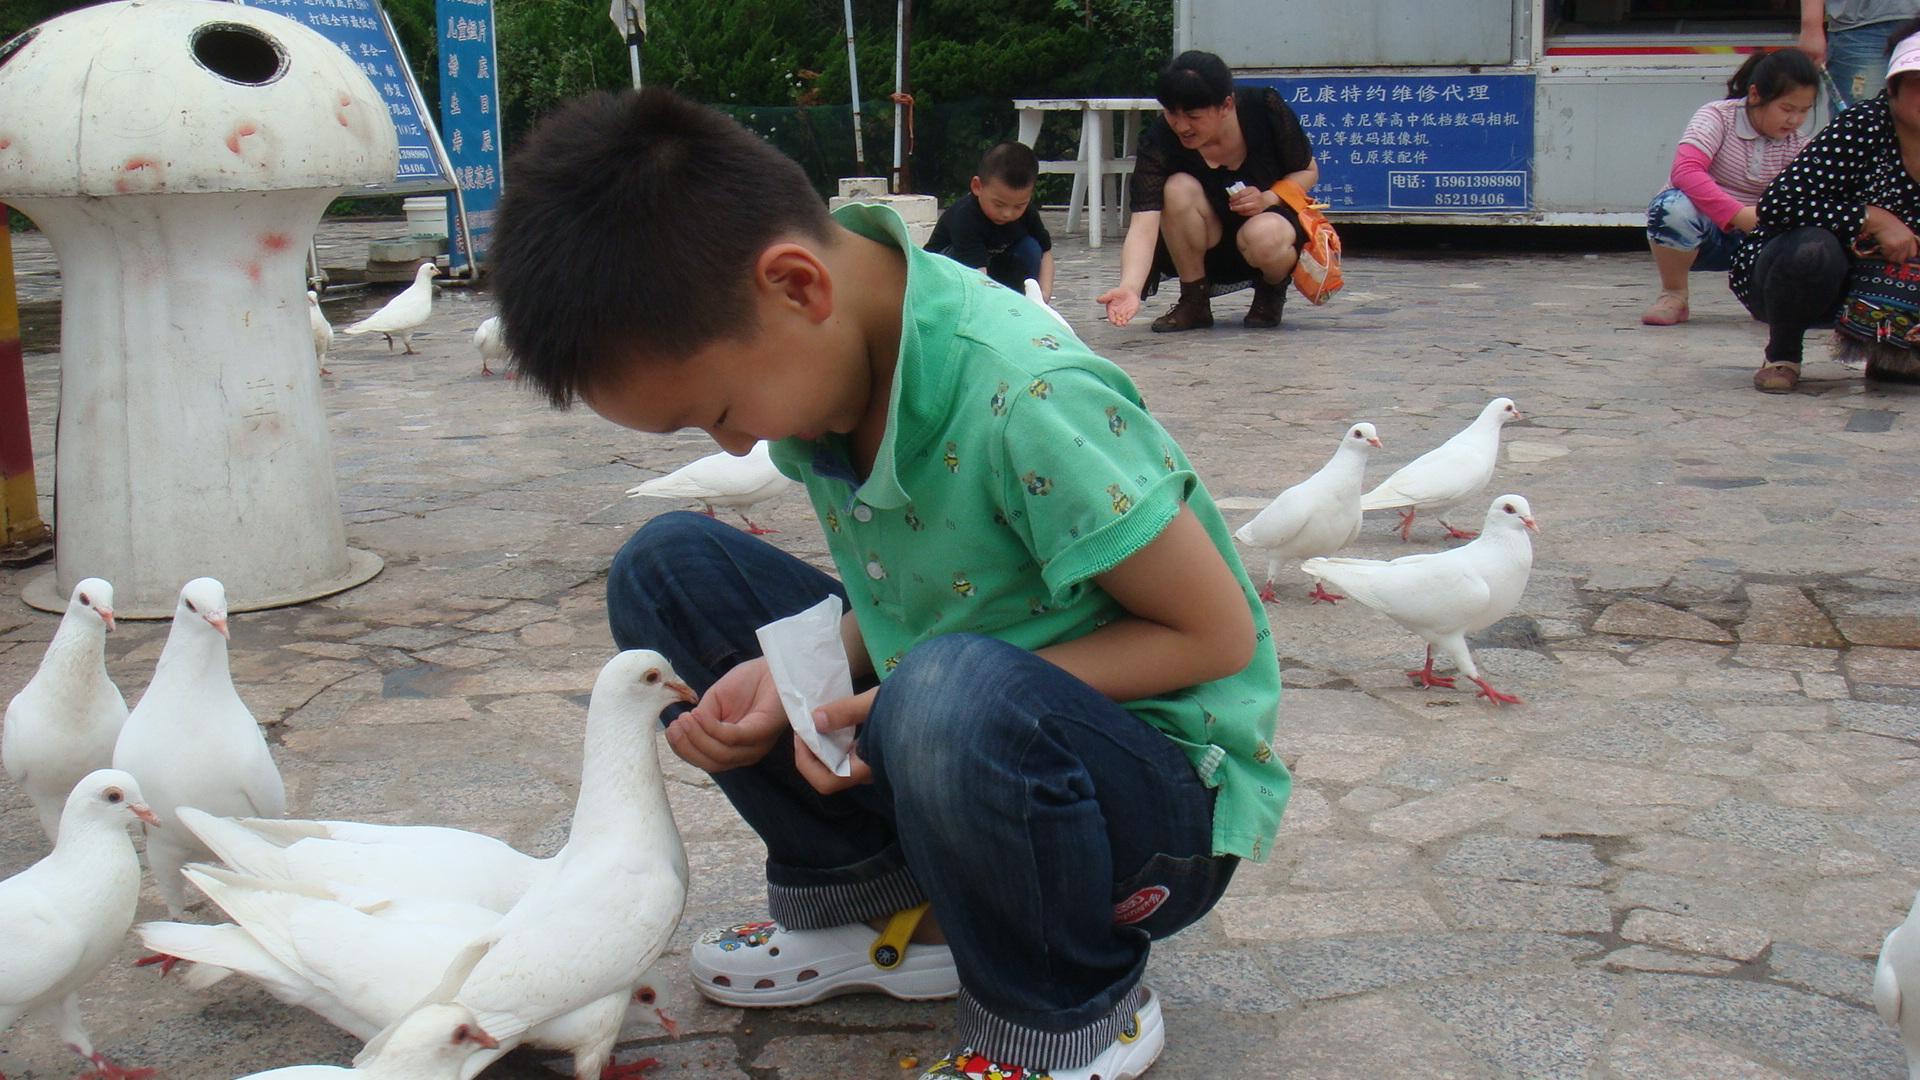 爱护小动物 - 红领巾相约中国梦动态上传